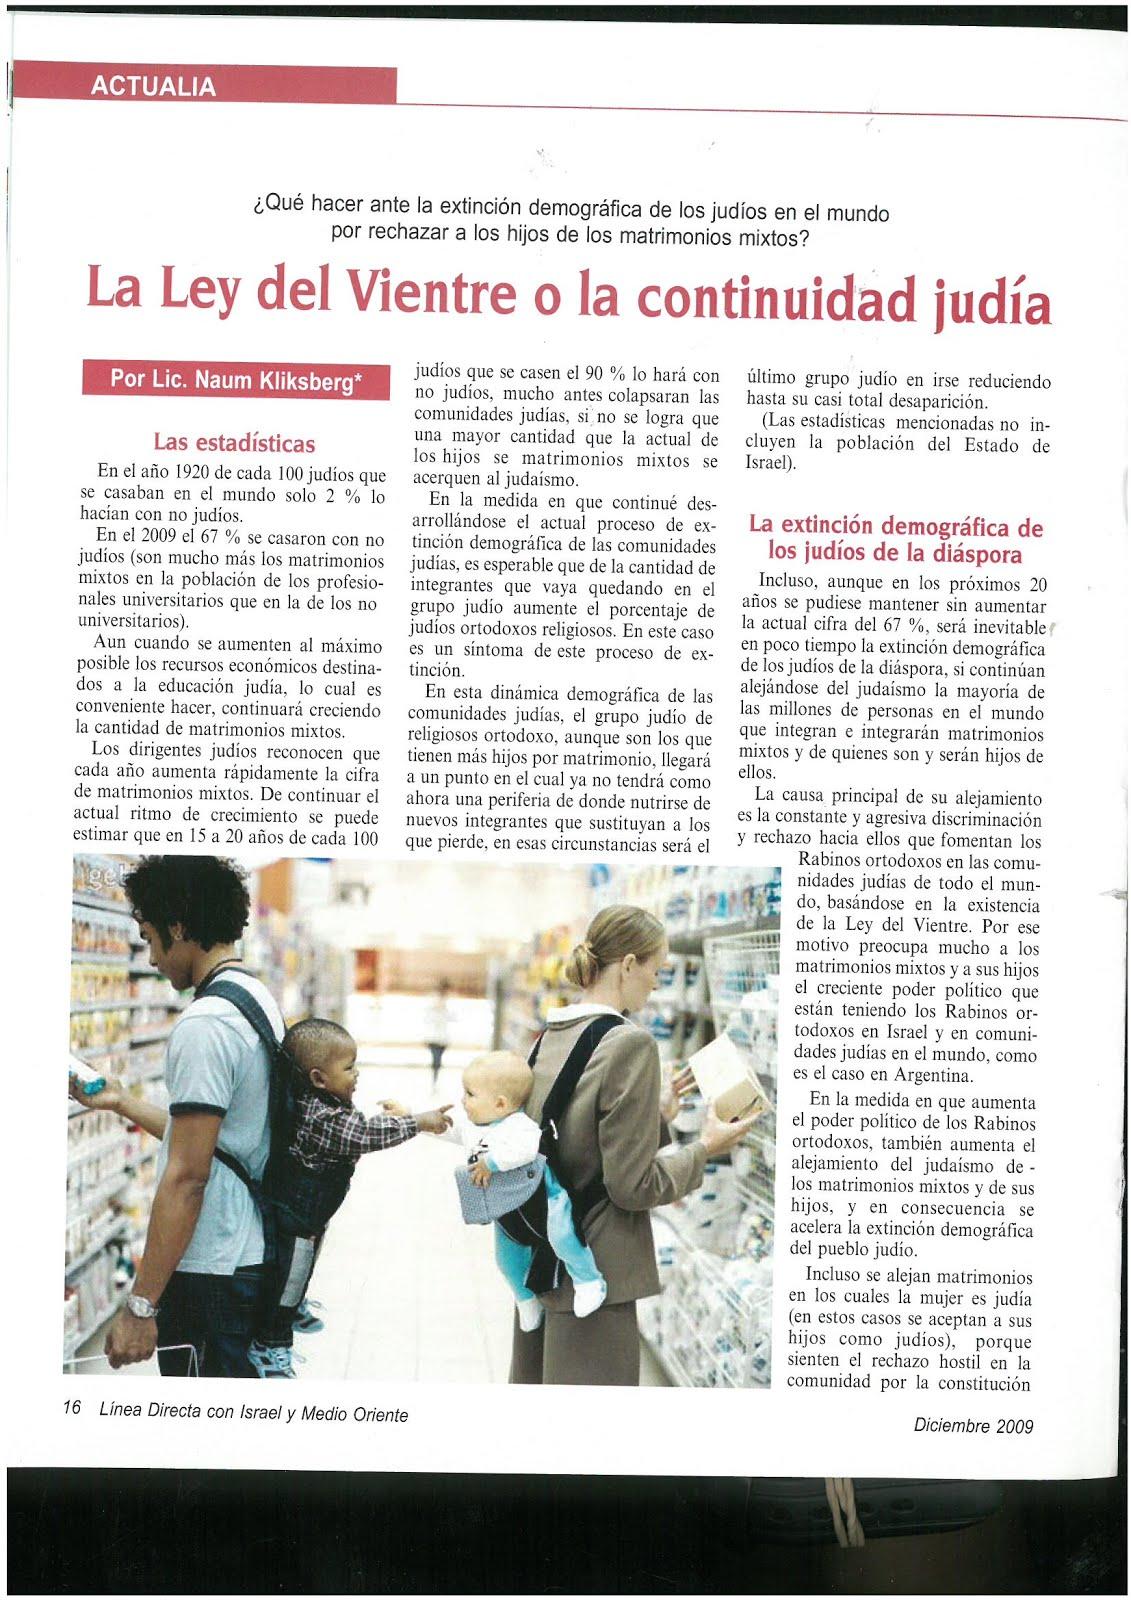 51 -Revista Israelí Linea Directa con Israel y Medio Oriente.12//2009. Artículo de Naum Kliksberg.